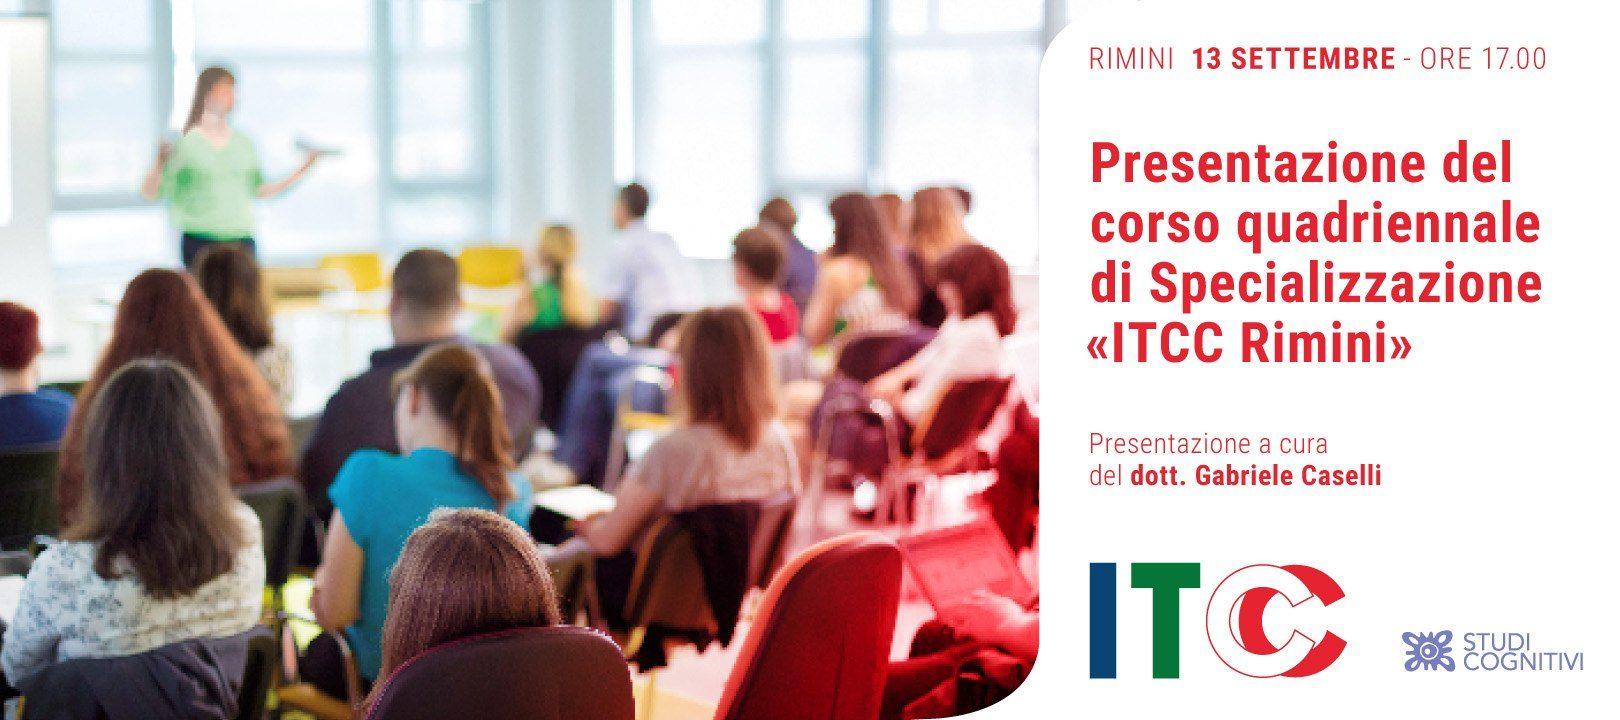 RIMINI - 130919 - Presentazione Corso Quadriennale - SC